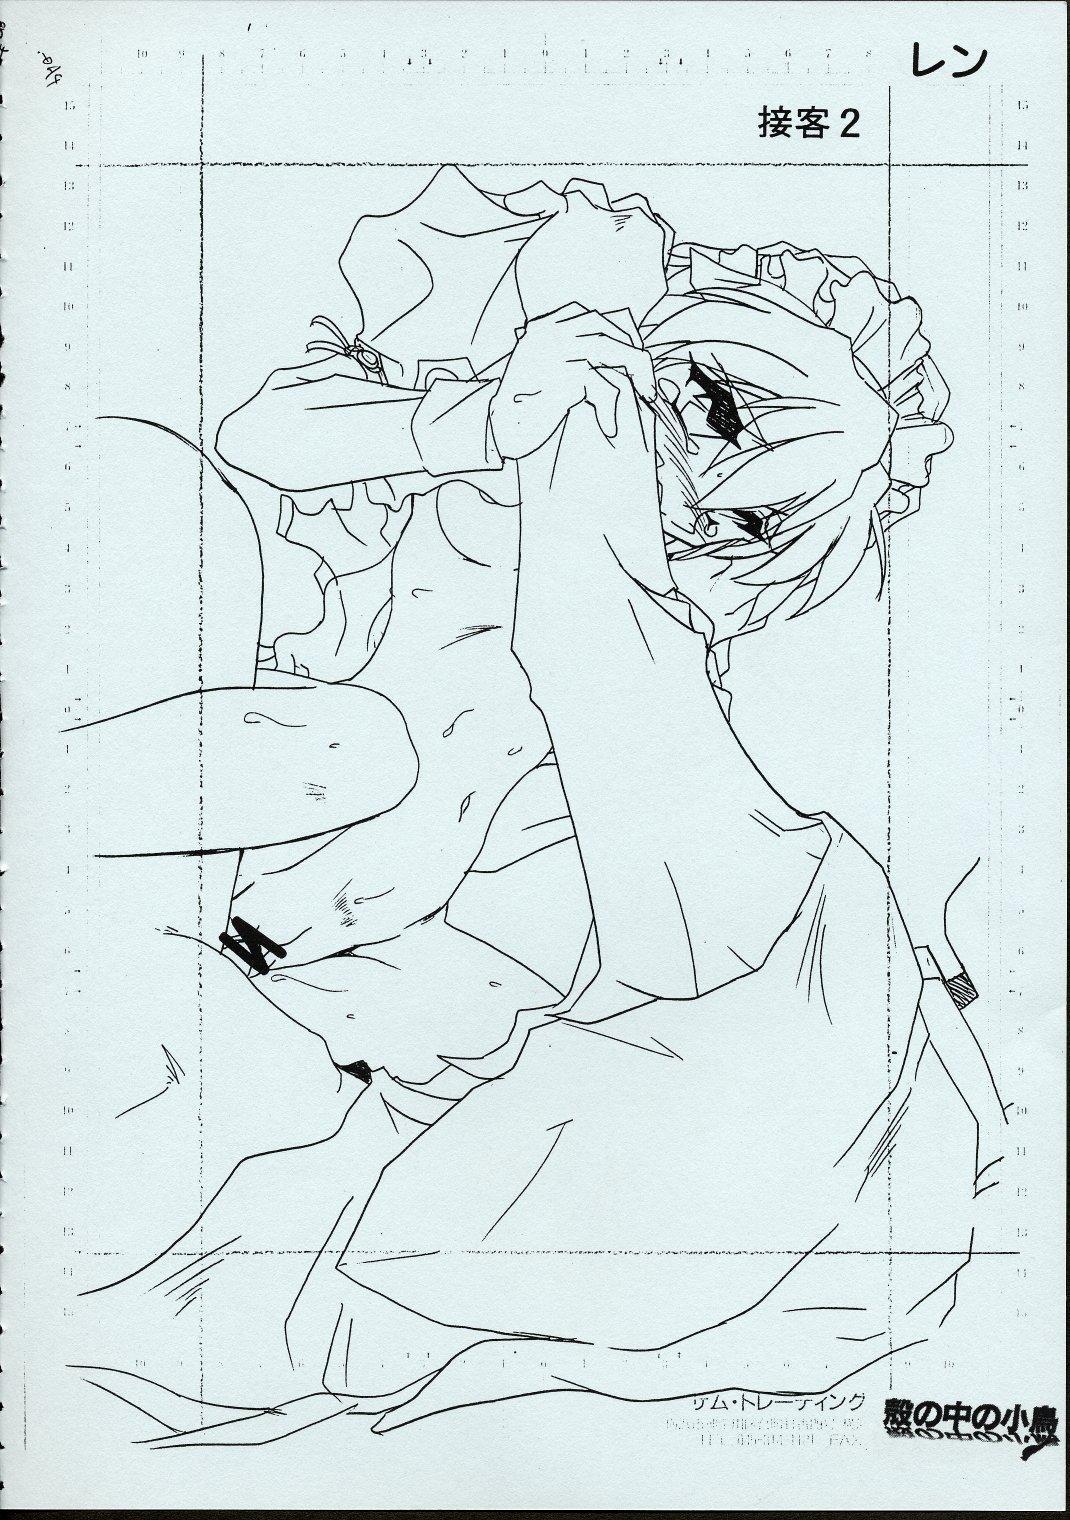 Maid-san kihonkei 82